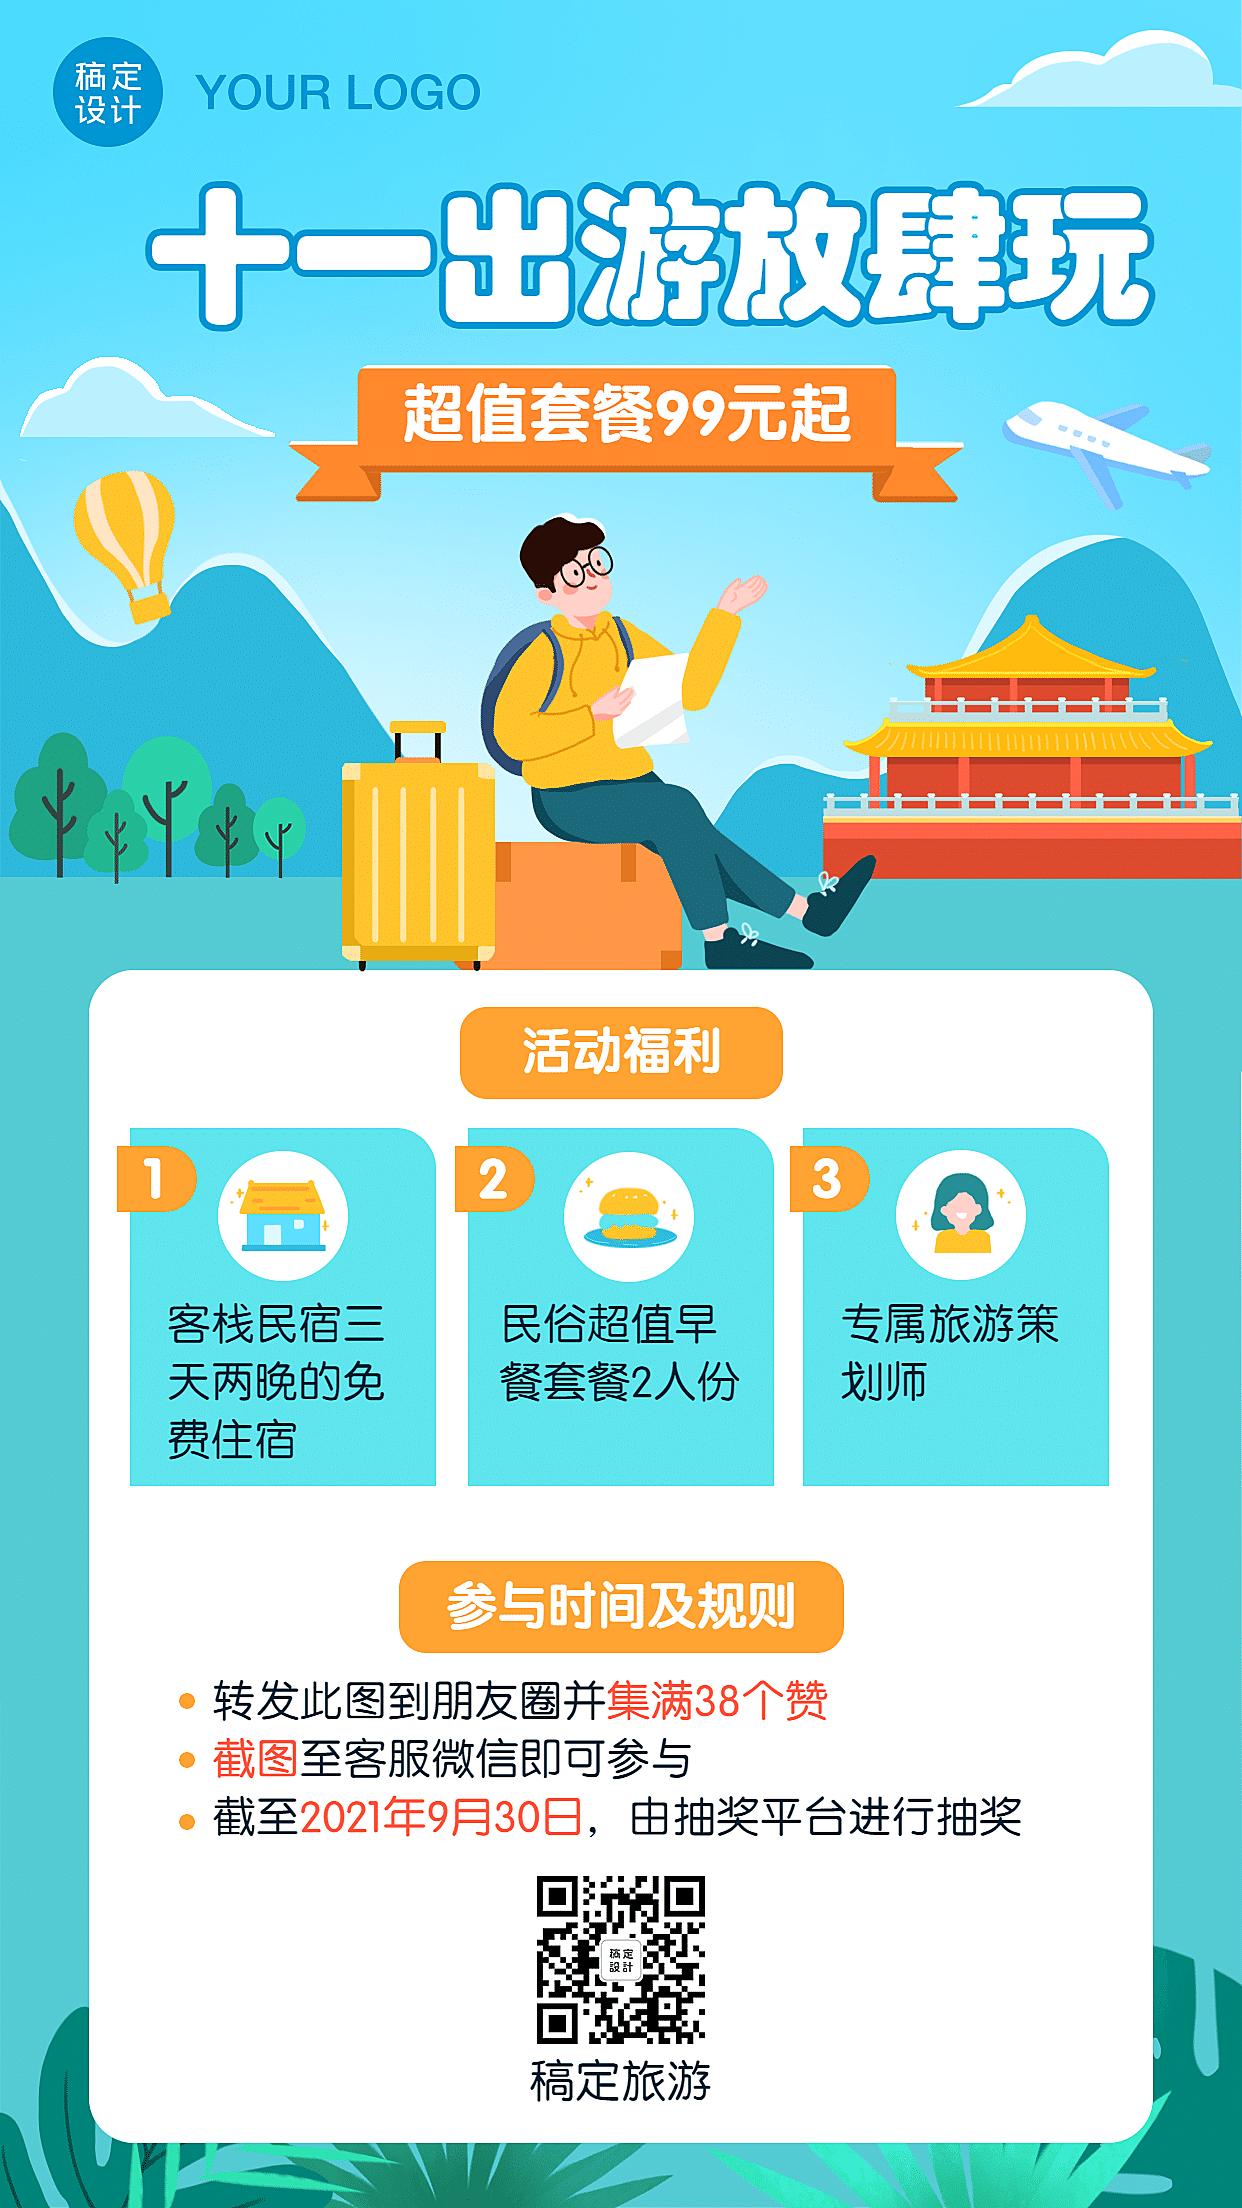 十一黄金周出游旅游手机海报